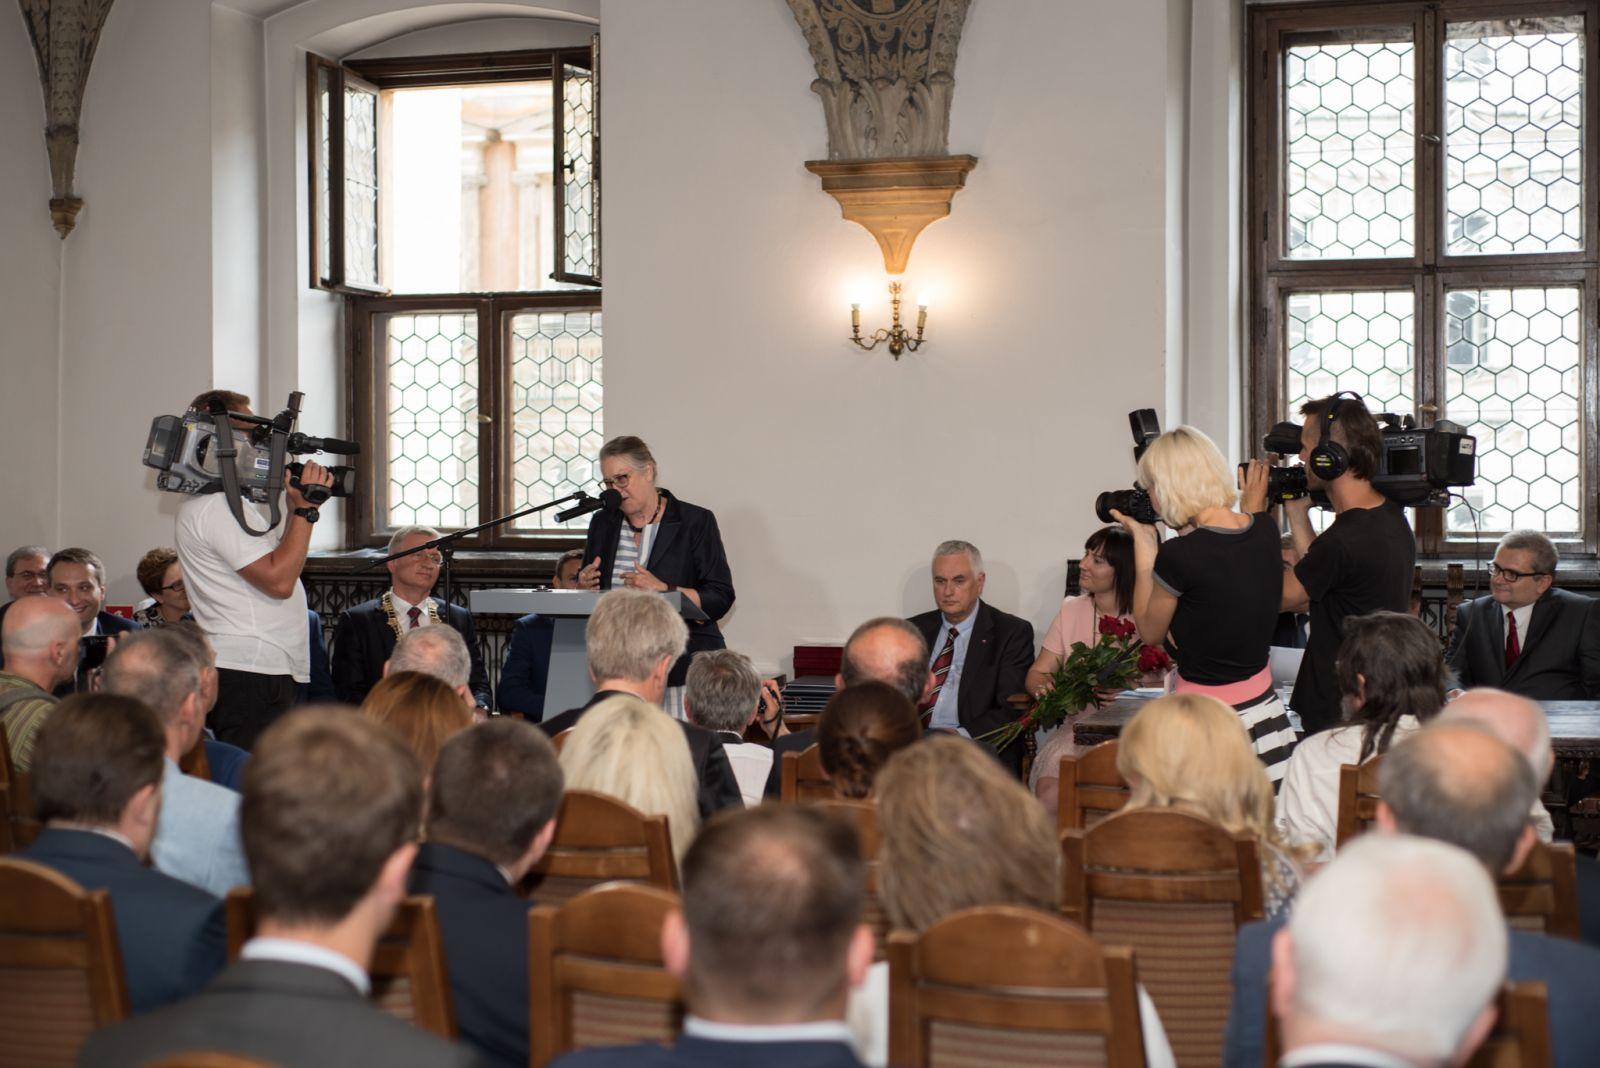 Zdjęcie - przemówienie prof. Hanny Kóčka-Krenz